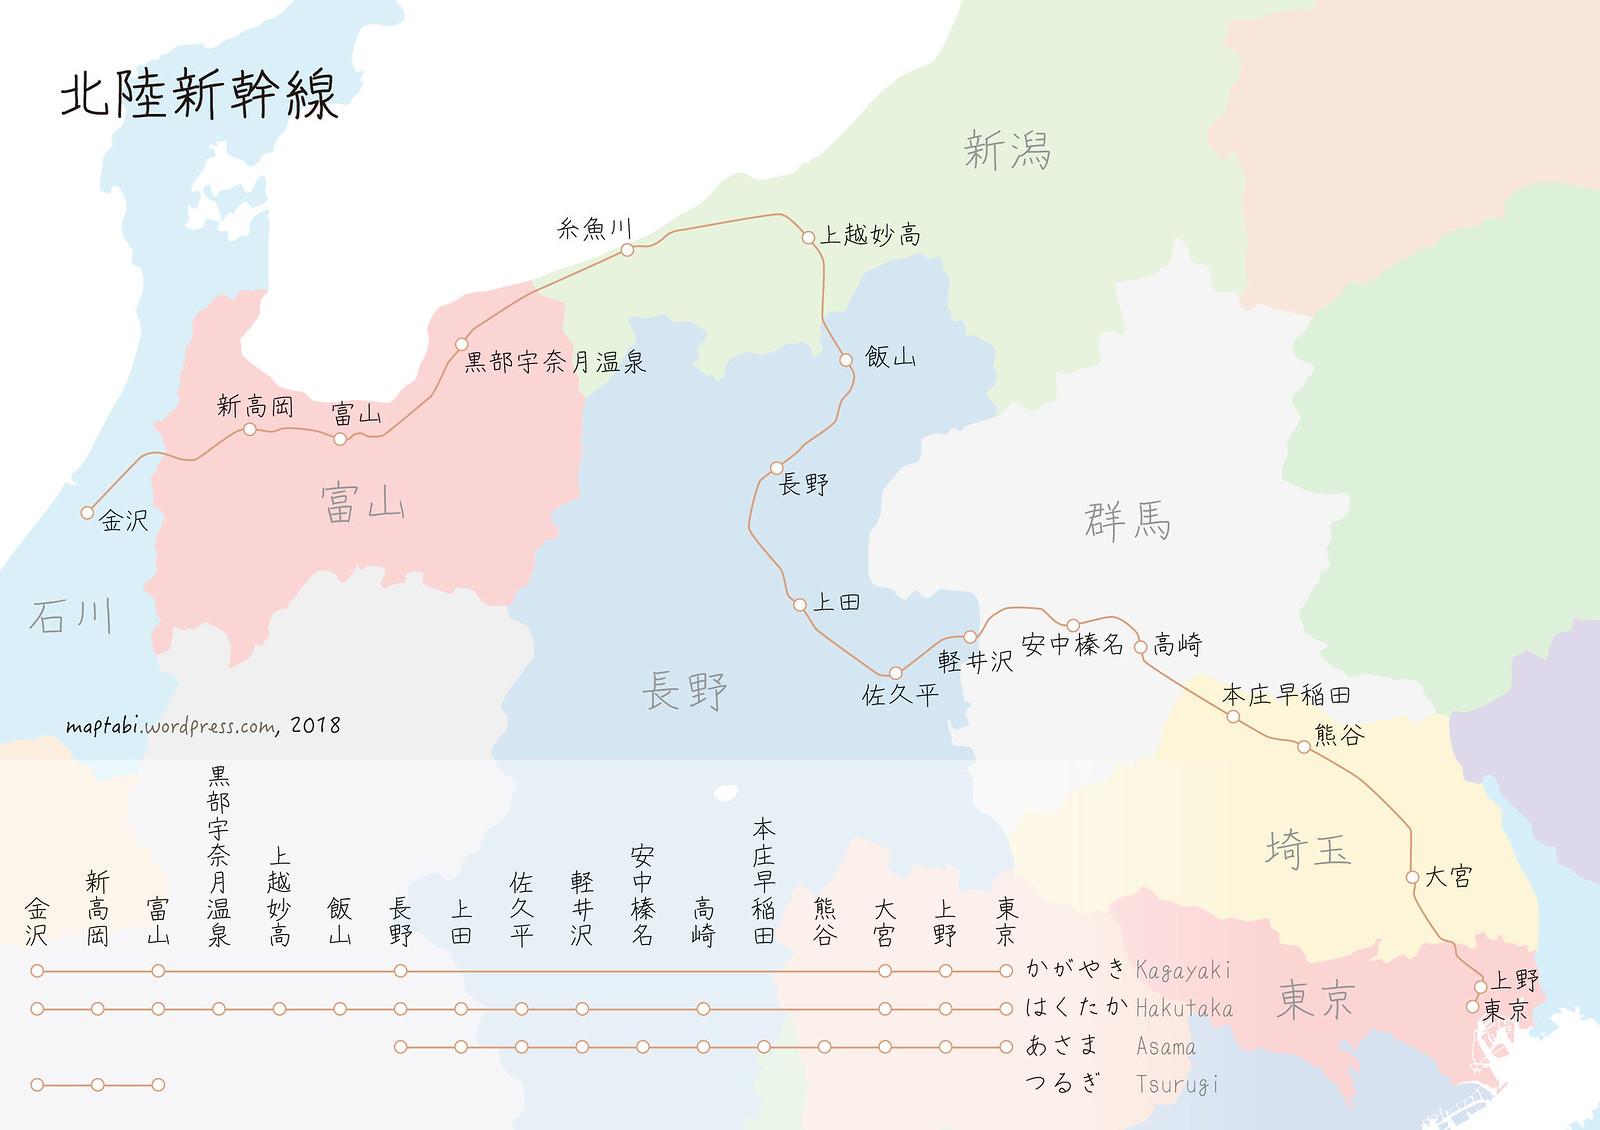 【北陸交通】 一分鐘了解北陸新幹線 – maptabi